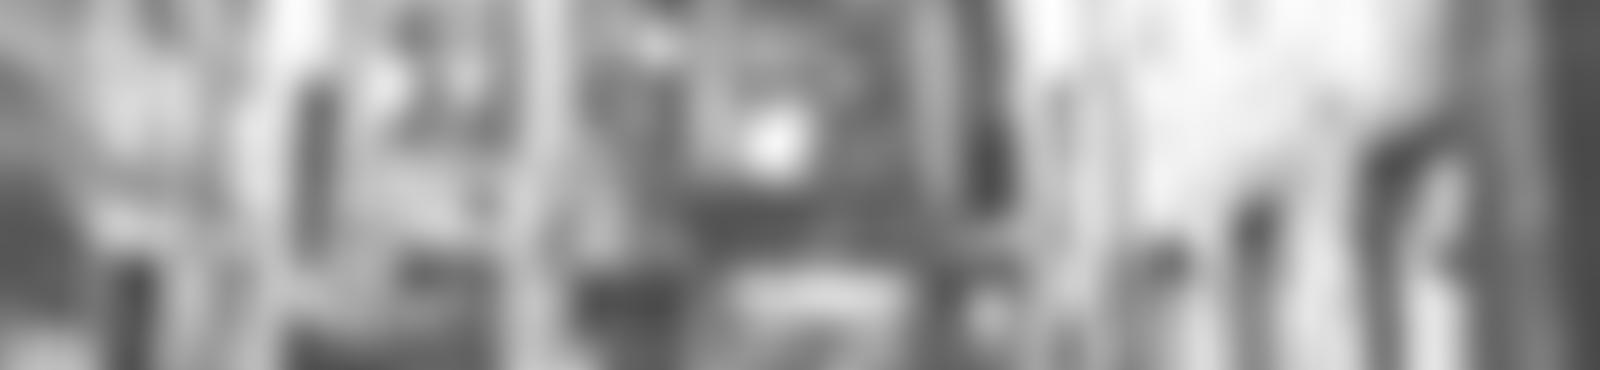 Blurred 12027719 398976403639901 5485912529563835295 n